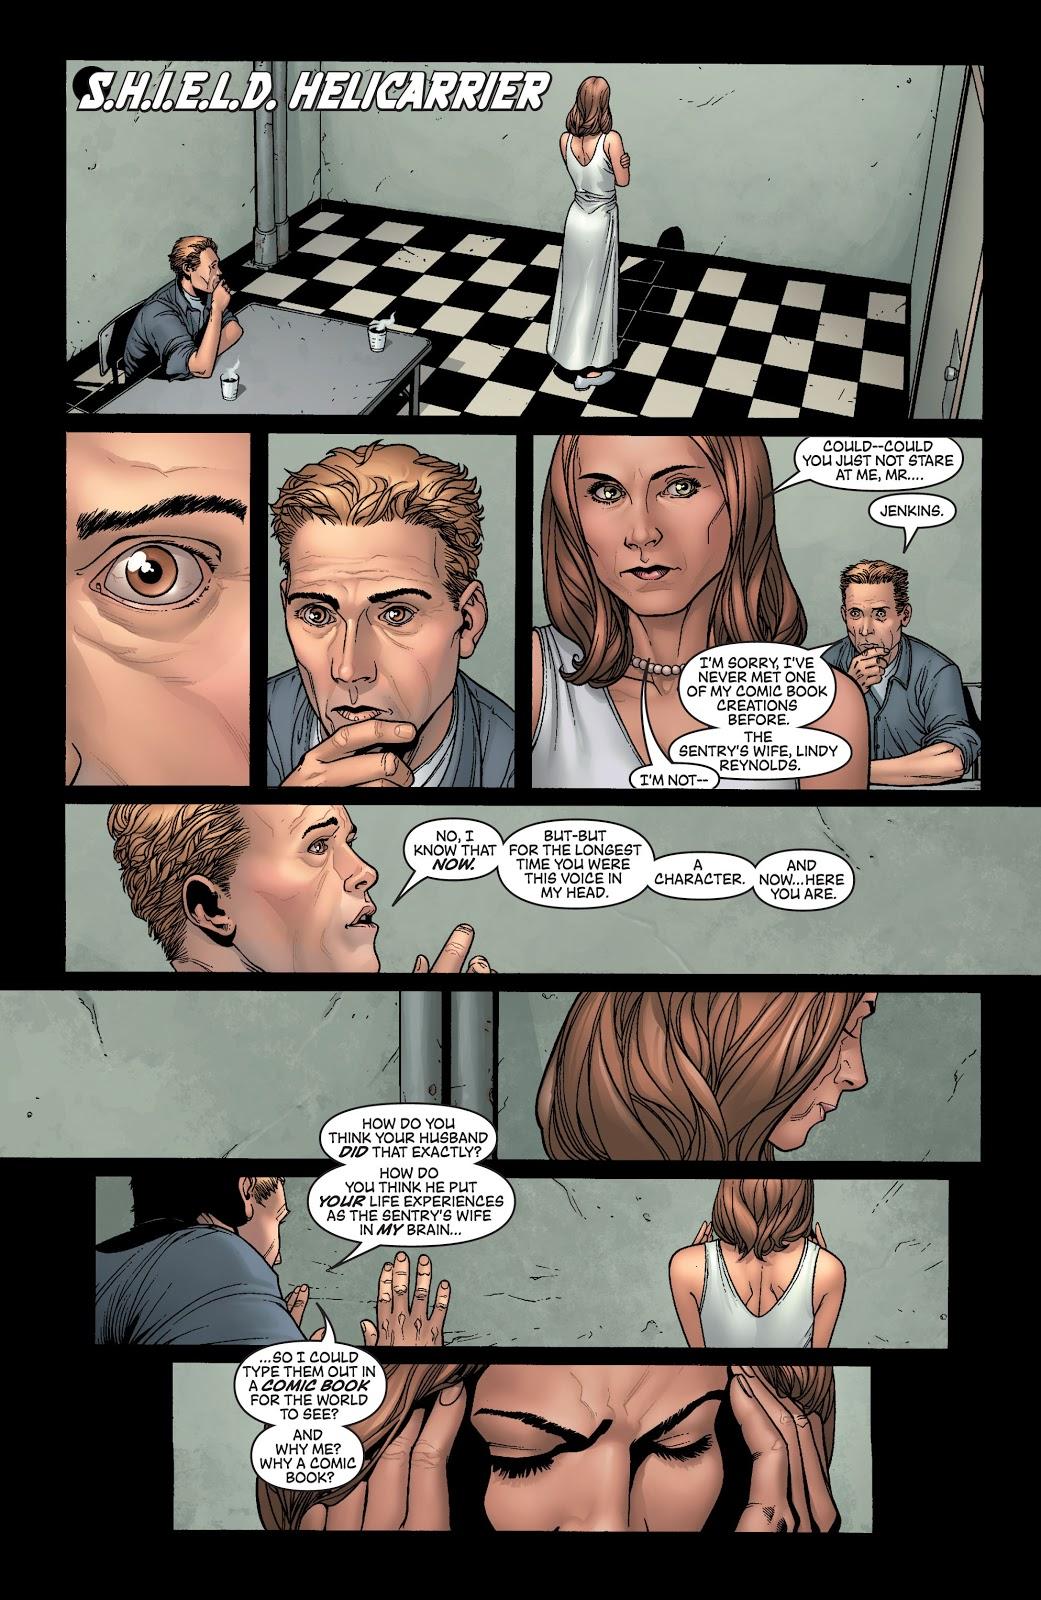 Có thể bạn chưa biết: Thế giới truyện tranh Marvel và DC cũng tồn tại trong Comics đấy - Ảnh 7.